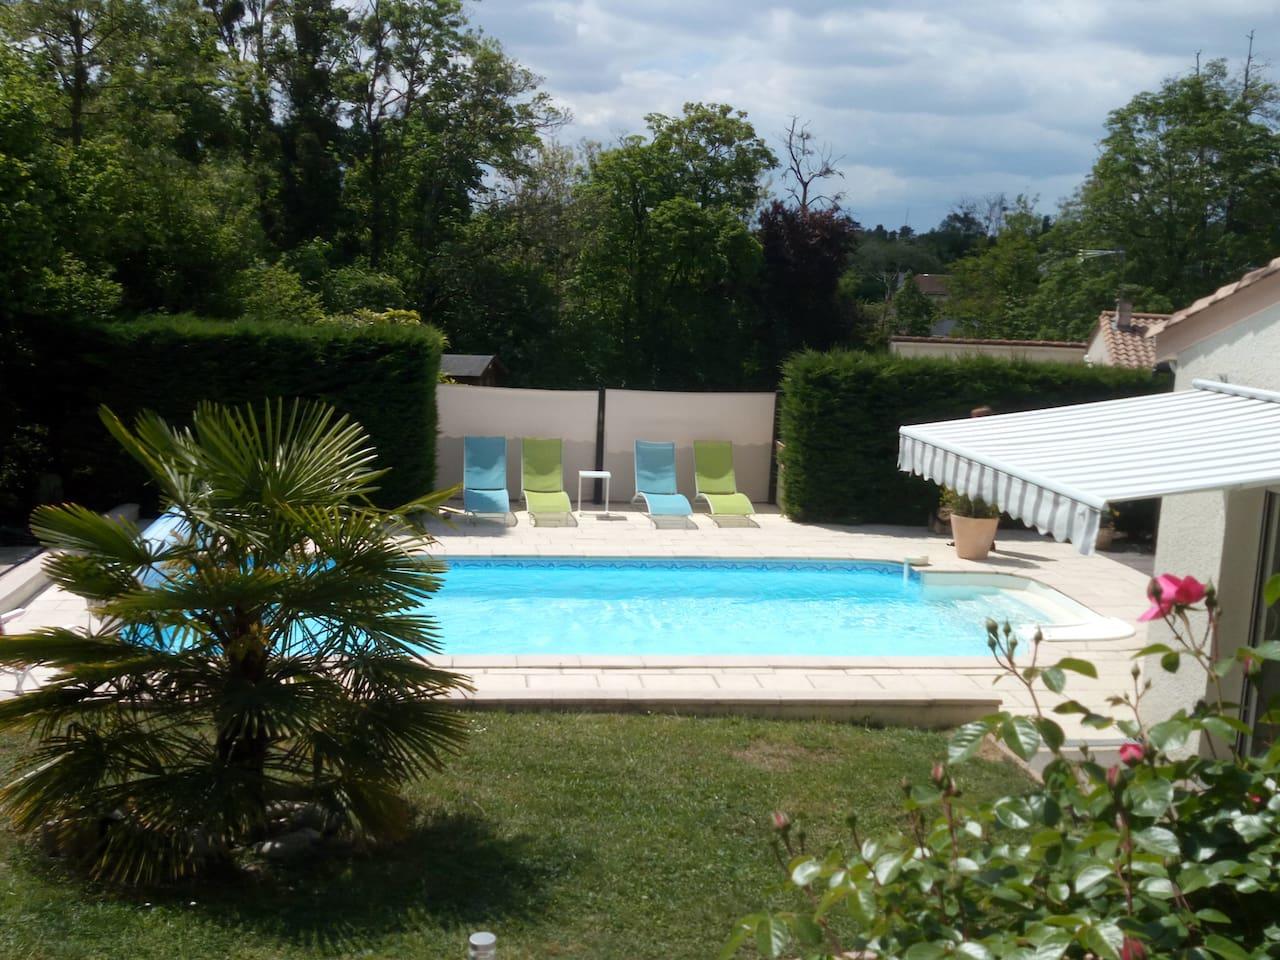 accès à la piscine 8mx4m